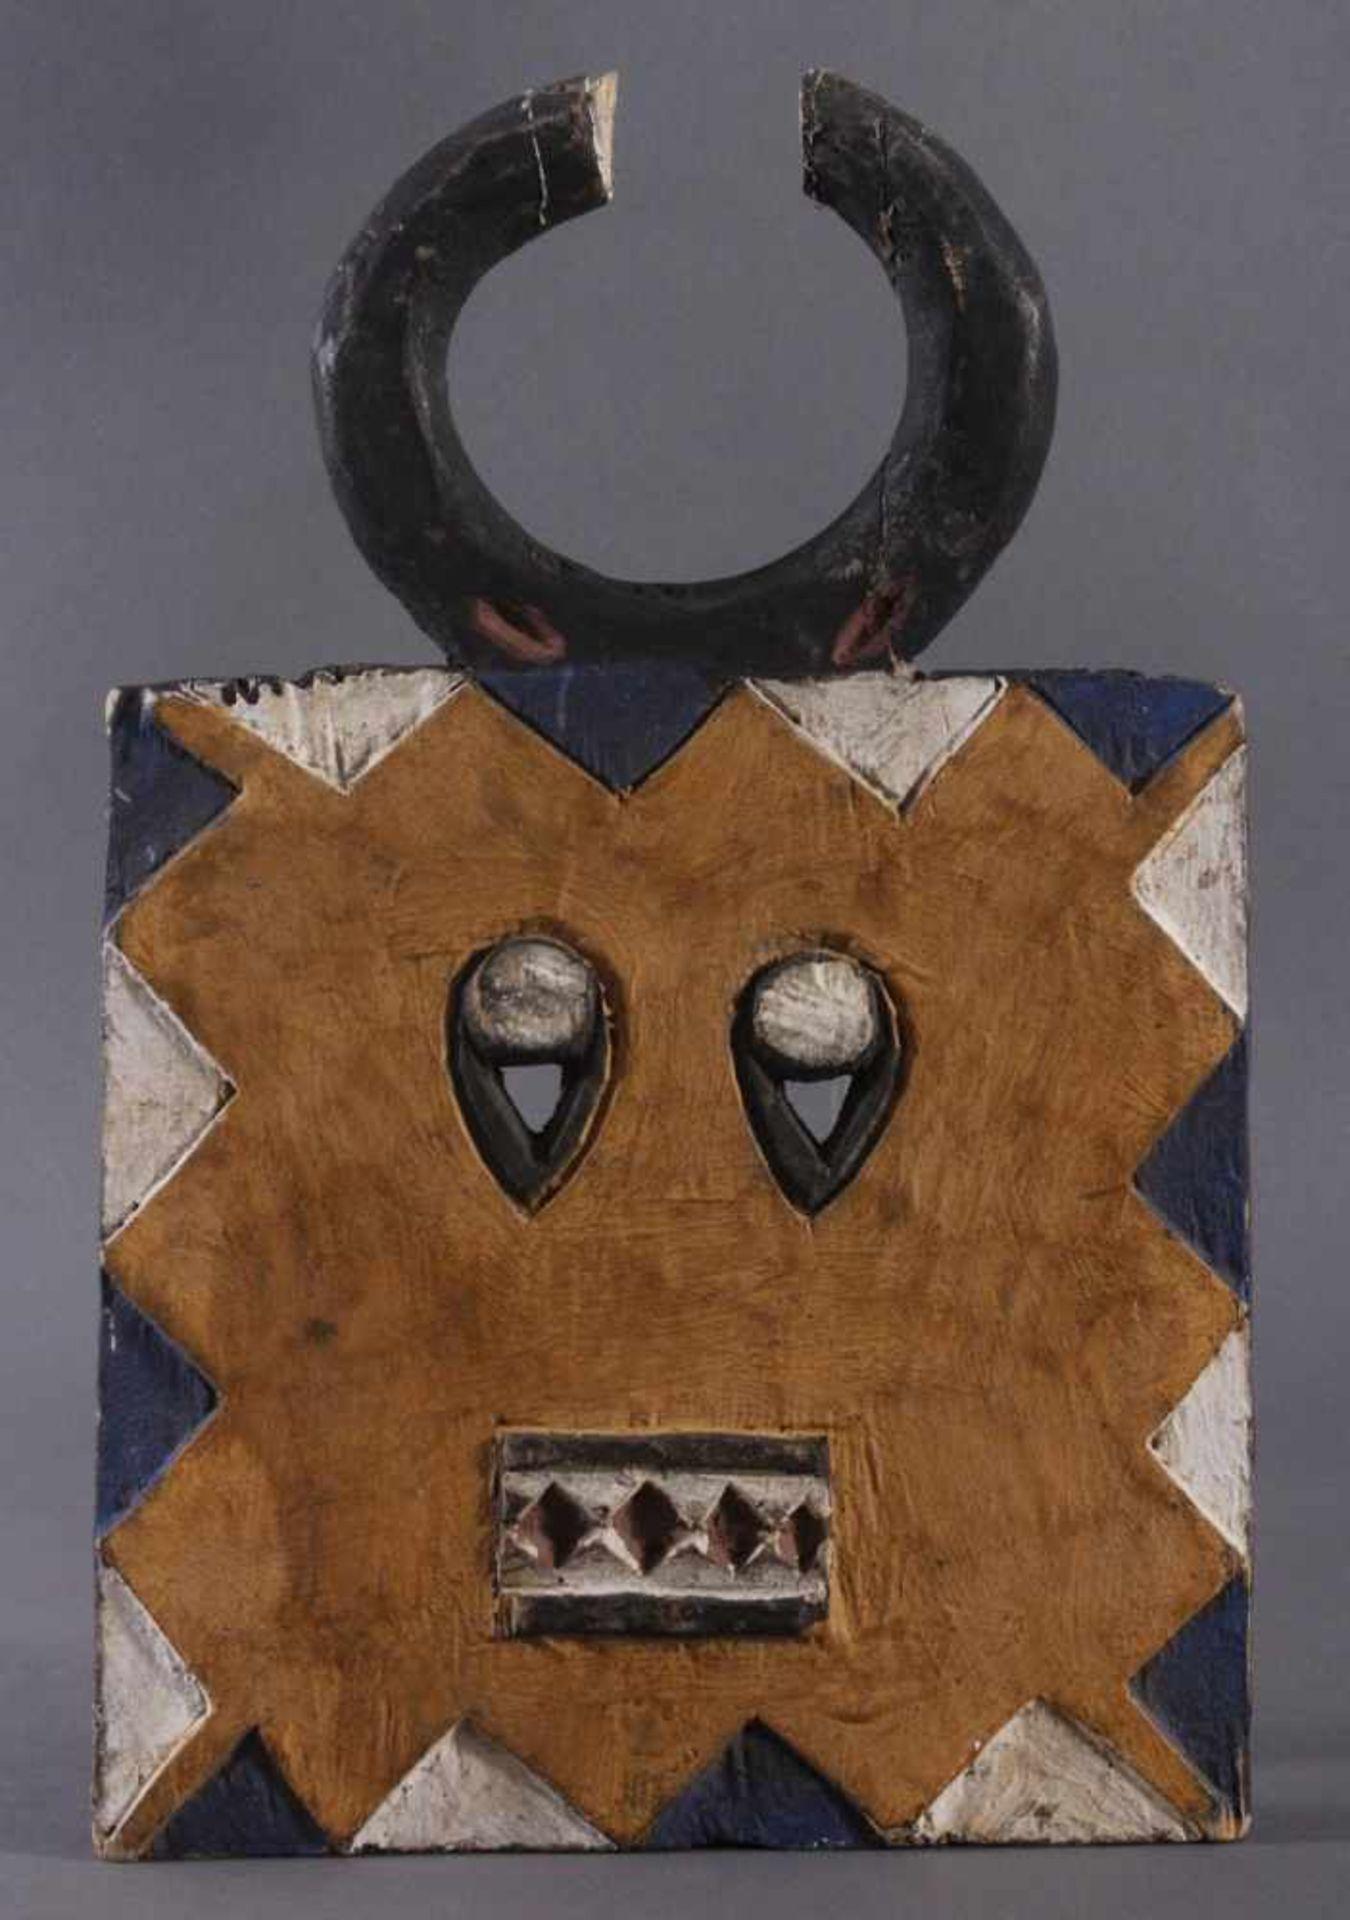 Antike Maske der Baule, Elfenbeinküste 1. Hälfte 20. Jh.Holz geschnitzt, farbig gefasst, ca. 5,5 x